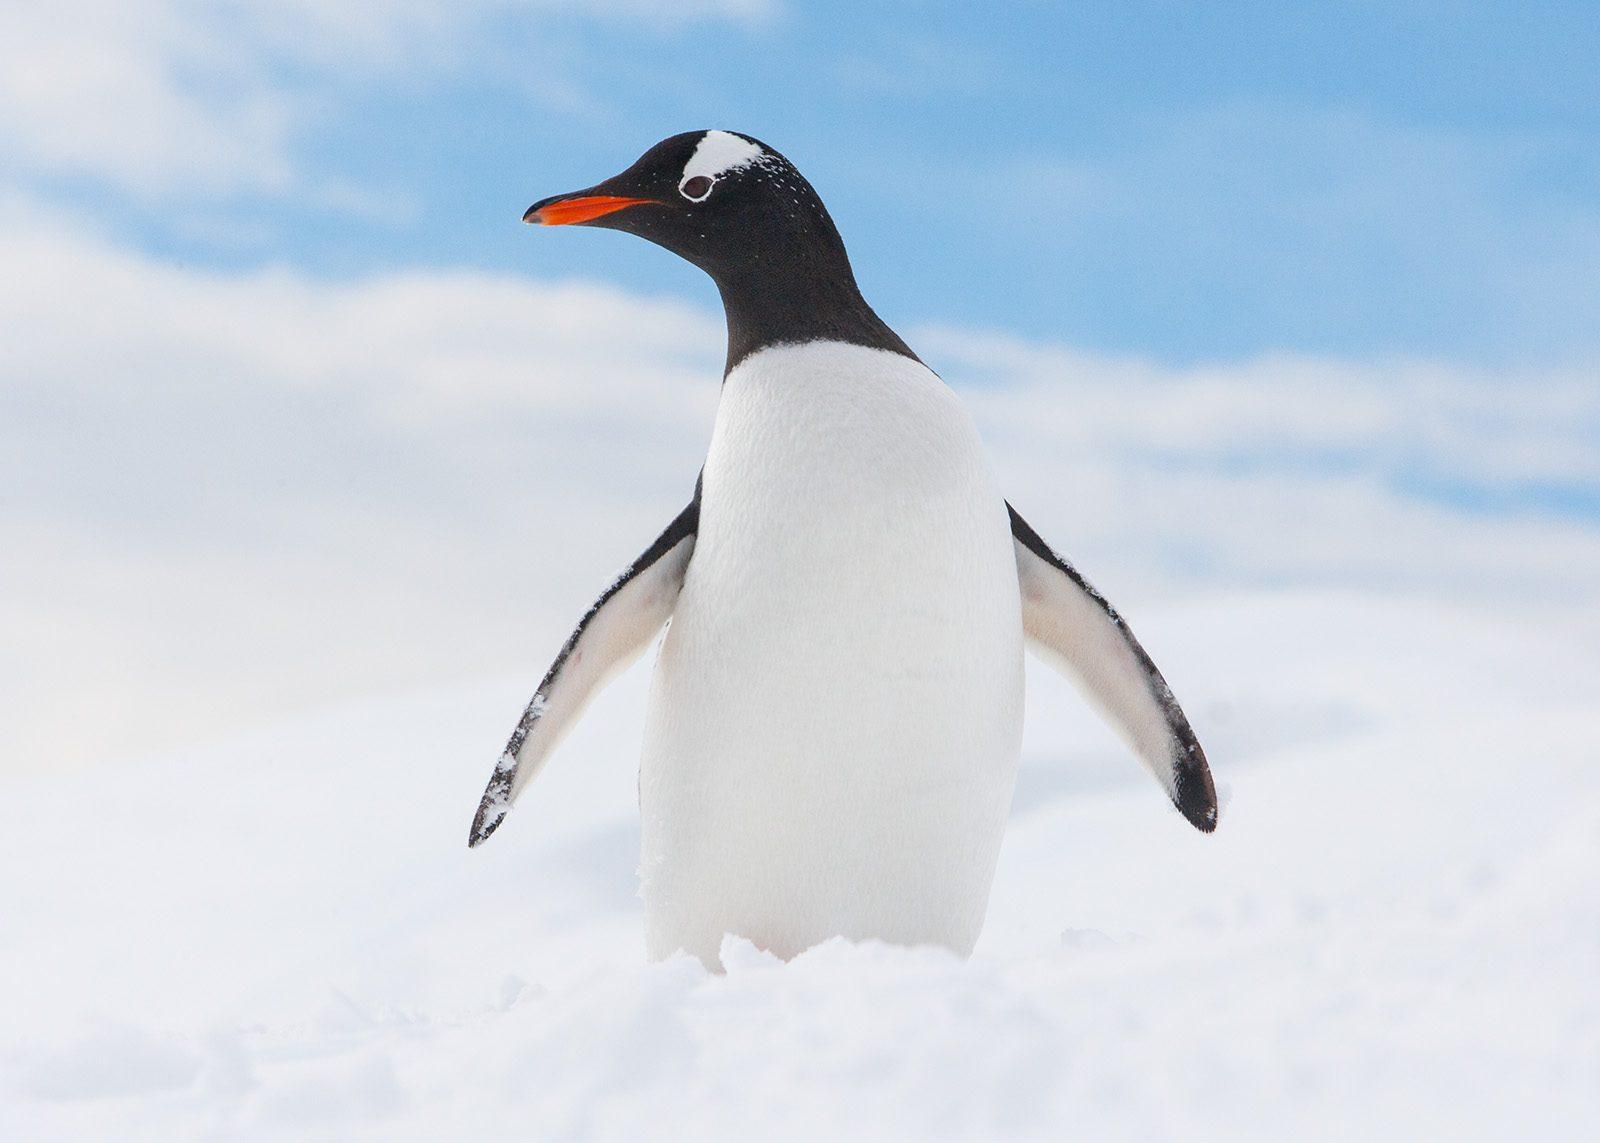 Pingvin i snø av Kjell Erik Moseid